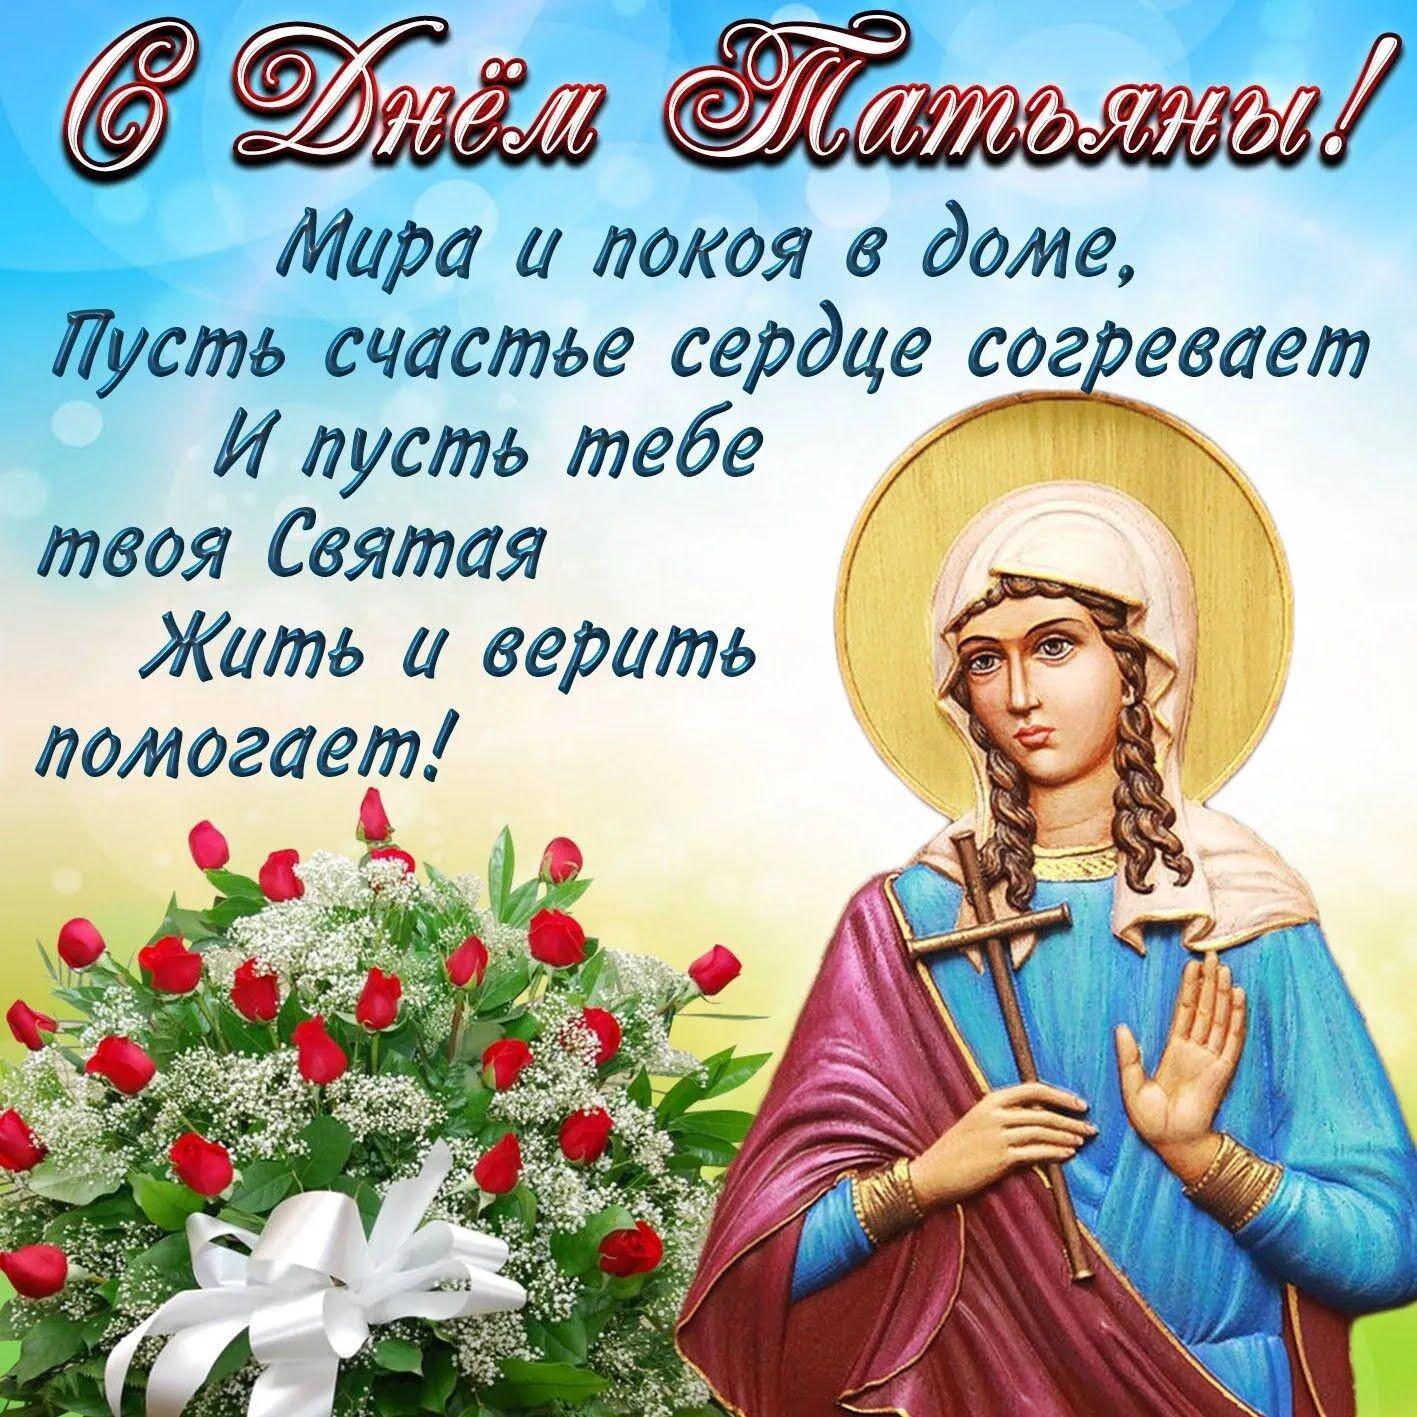 Поздравления с днем ангела Татьяны